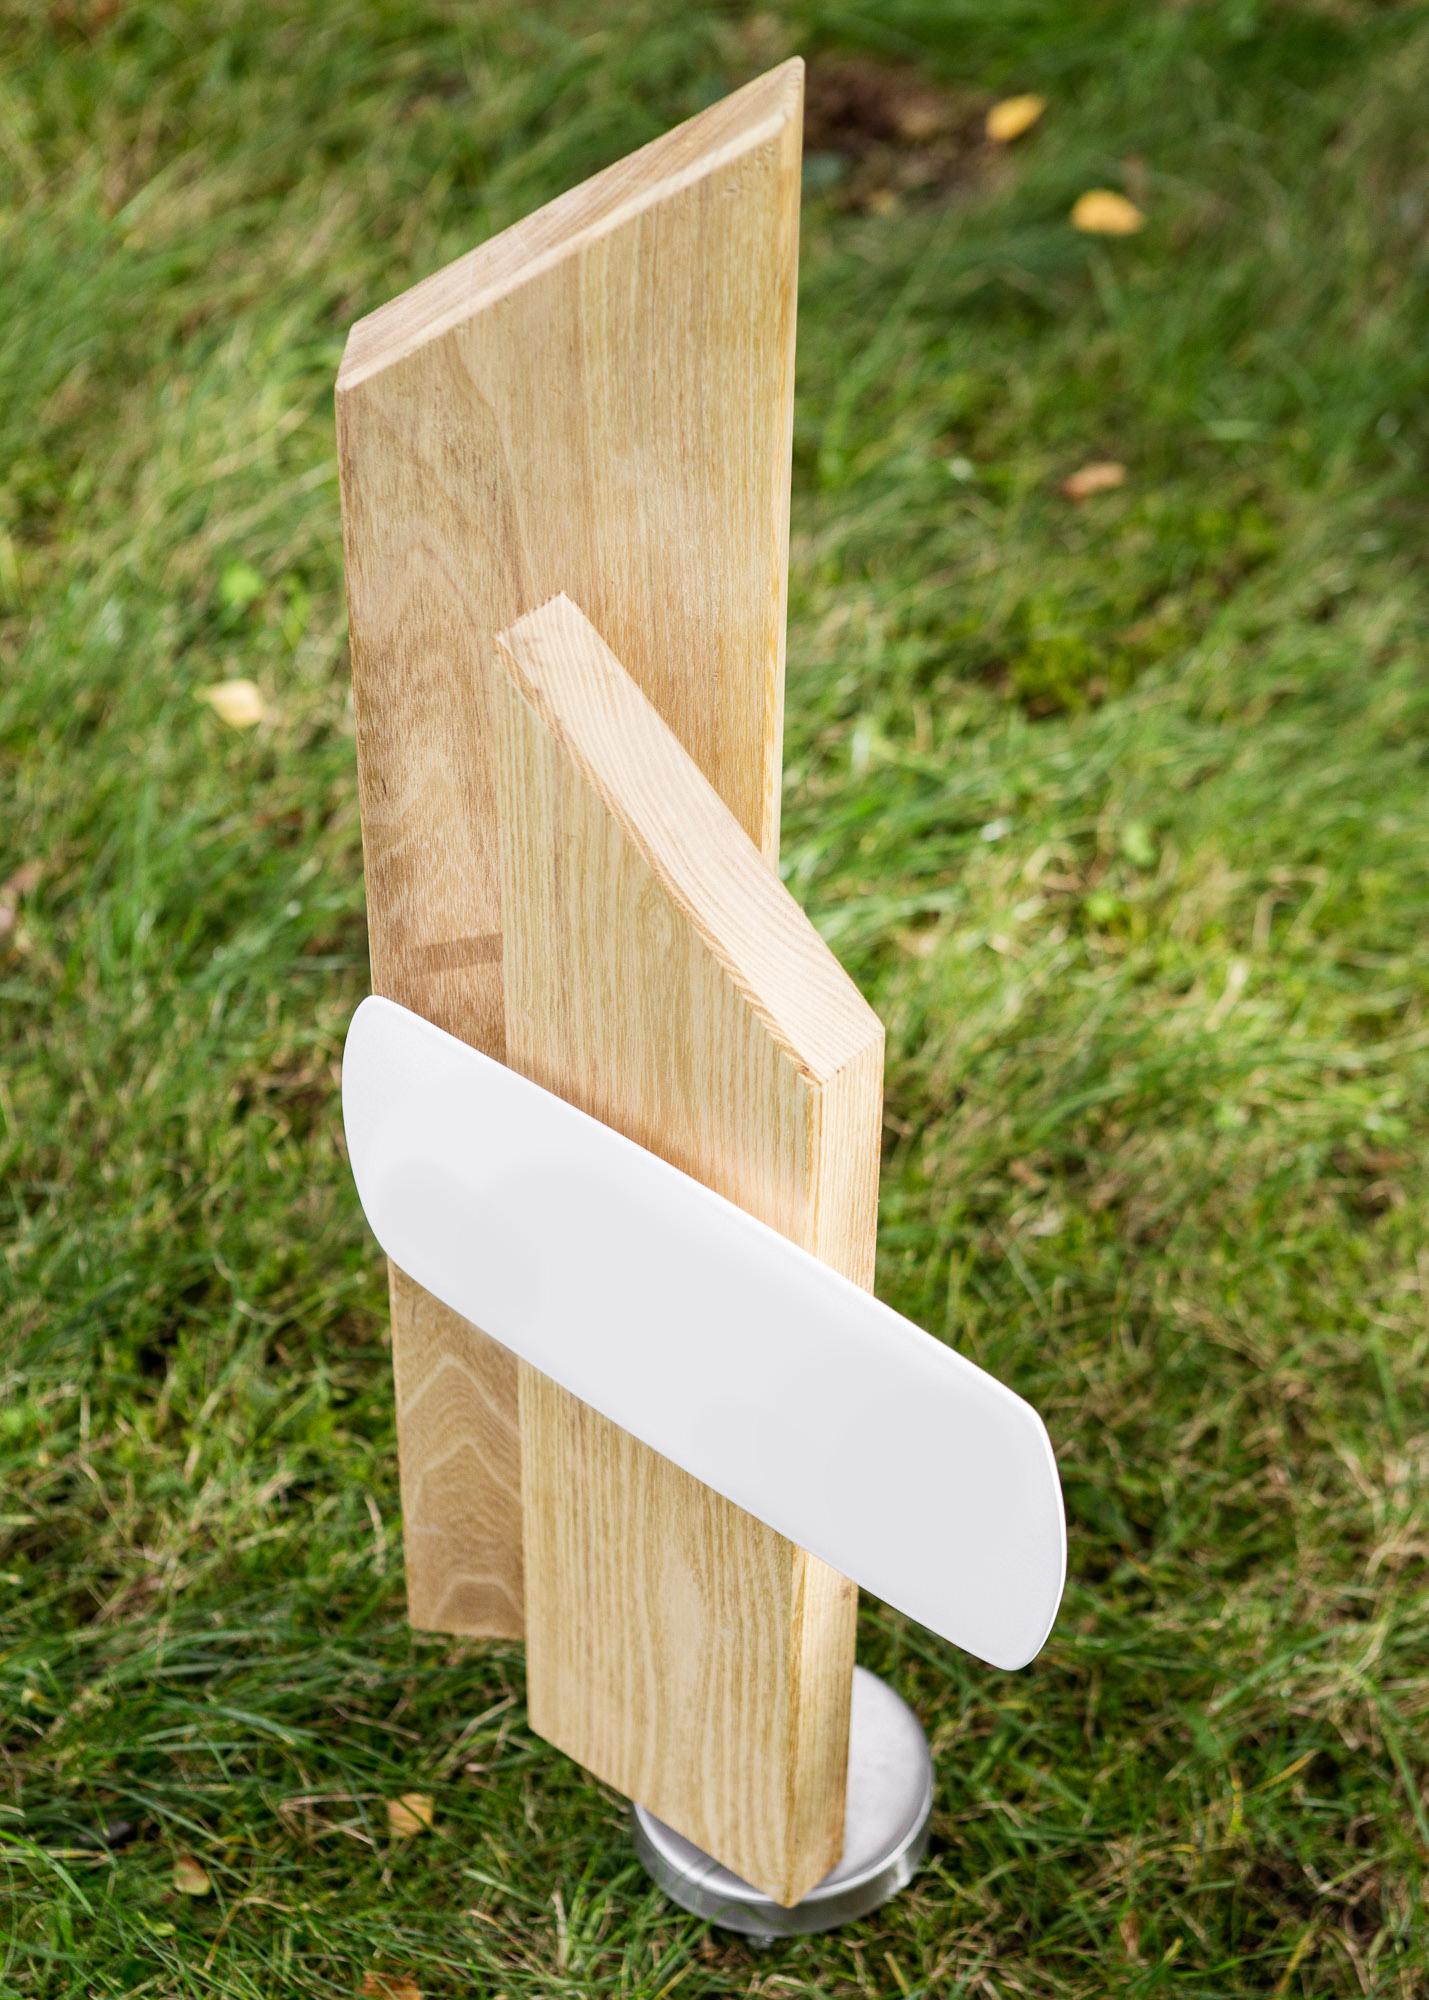 Holzgrabmal aus Stelen als Urnengrabmal mit Emailleschild